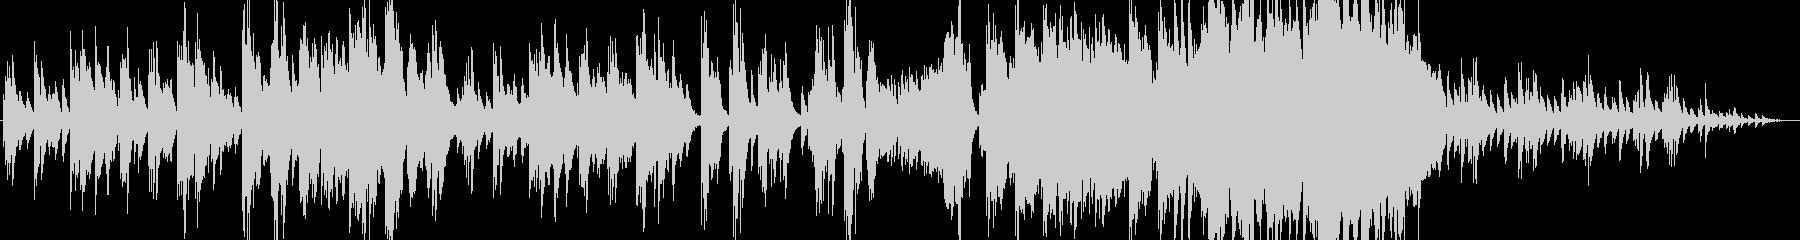 哀しげなピアノサウンドの未再生の波形